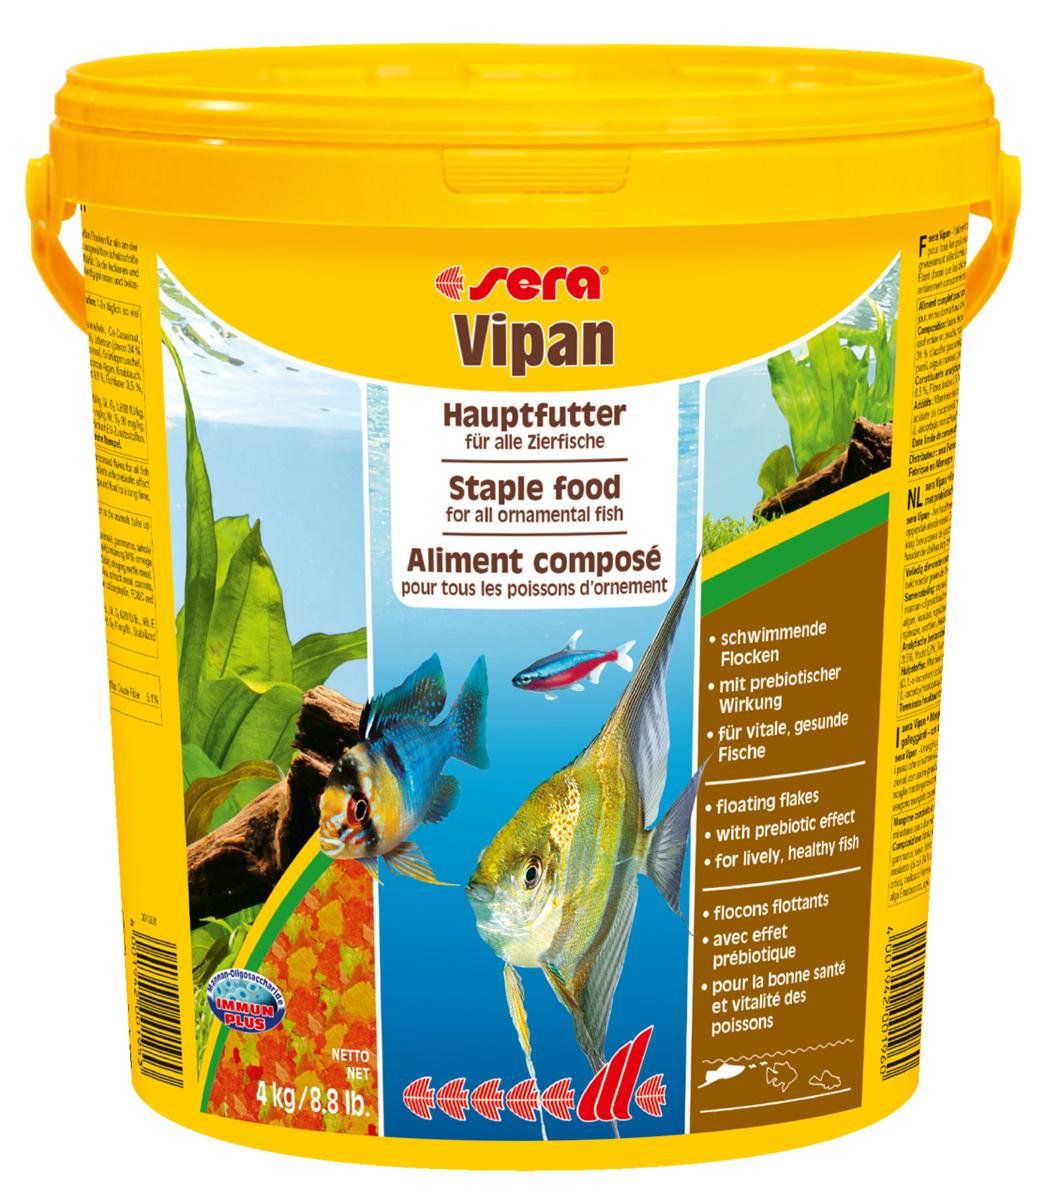 Корм для рыб Sera Vipan, крупные хлопья, 21 л (4 кг)0120710Корм для рыб Sera Vipan - хорошо сбалансированный основной корм в виде крупных хлопьев, содержащий более 40 ингредиентов. Идеально подходит для ежедневного кормления всех декоративных рыб в общих аквариумах. Сбалансированный состав удовлетворяет потребности множества видов. Бережная обработка гарантирует сохранение ценных ингредиентов (например, жирных кислот Омега, витаминов и минералов). Белки и другие питательные вещества делают этот корм высокопитательным и легко перевариваемым рыбами. Формула Vital-Immun-Protect гарантирует вашим рыбам прекрасное здоровье, укрепление иммунитета и обилие жизненных сил. Специальный метод приготовления позволяет хлопьям сохранять свою форму в течение длительного времени, не загрязняя воду. Хлопья в то же время очень нежны и поэтому охотно поедаются рыбой. Ингредиенты: рыбная мука, пшеничная мука, пивные дрожжи, казеинат кальция, гаммарус, яичный порошок, рыбий жир, маннанолигосахарид (MOS 0,4%), спирулина, травы, люцерна, крапива, мука из зеленых губчатых моллюсков, водоросли, зелень петрушки, перец, шпинат, чеснок, морковь, красители, разрешенные в ЕС. Аналитический состав: протеины 46,2%, жиры 8,9%, клетчатка 2,3%, зола 11,9%, влажность 6,7%. Витамины и провитамины на кг: витамин А 37000МЕ, витамин В1 35 мг, витамин В2 90 мг, витамин С 550 мг, витамин D3 1800МЕ, витамин Е 120 мг. Товар сертифицирован.